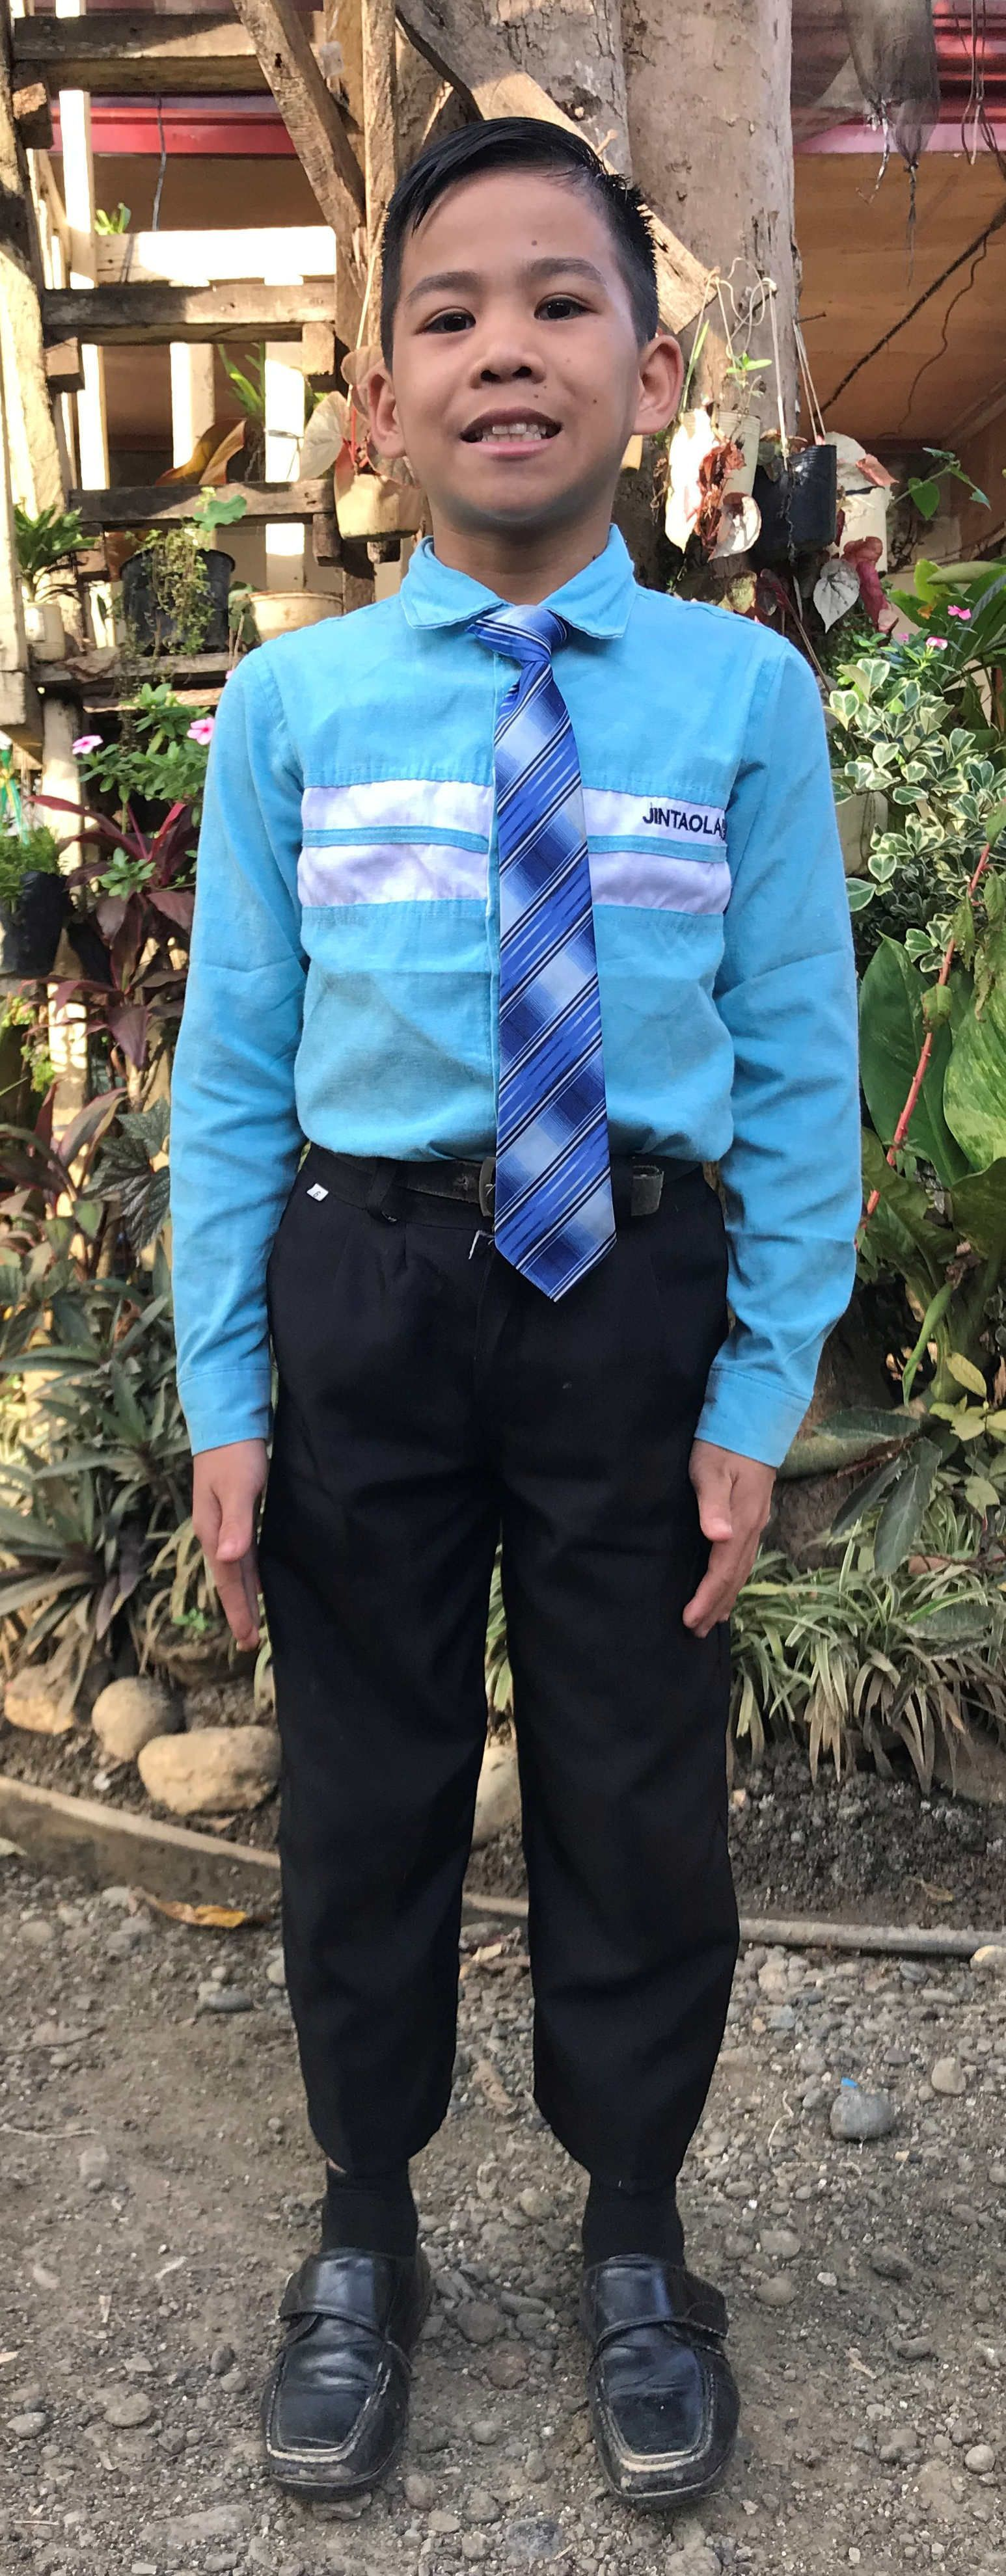 Jhewyn, 12, Philippines